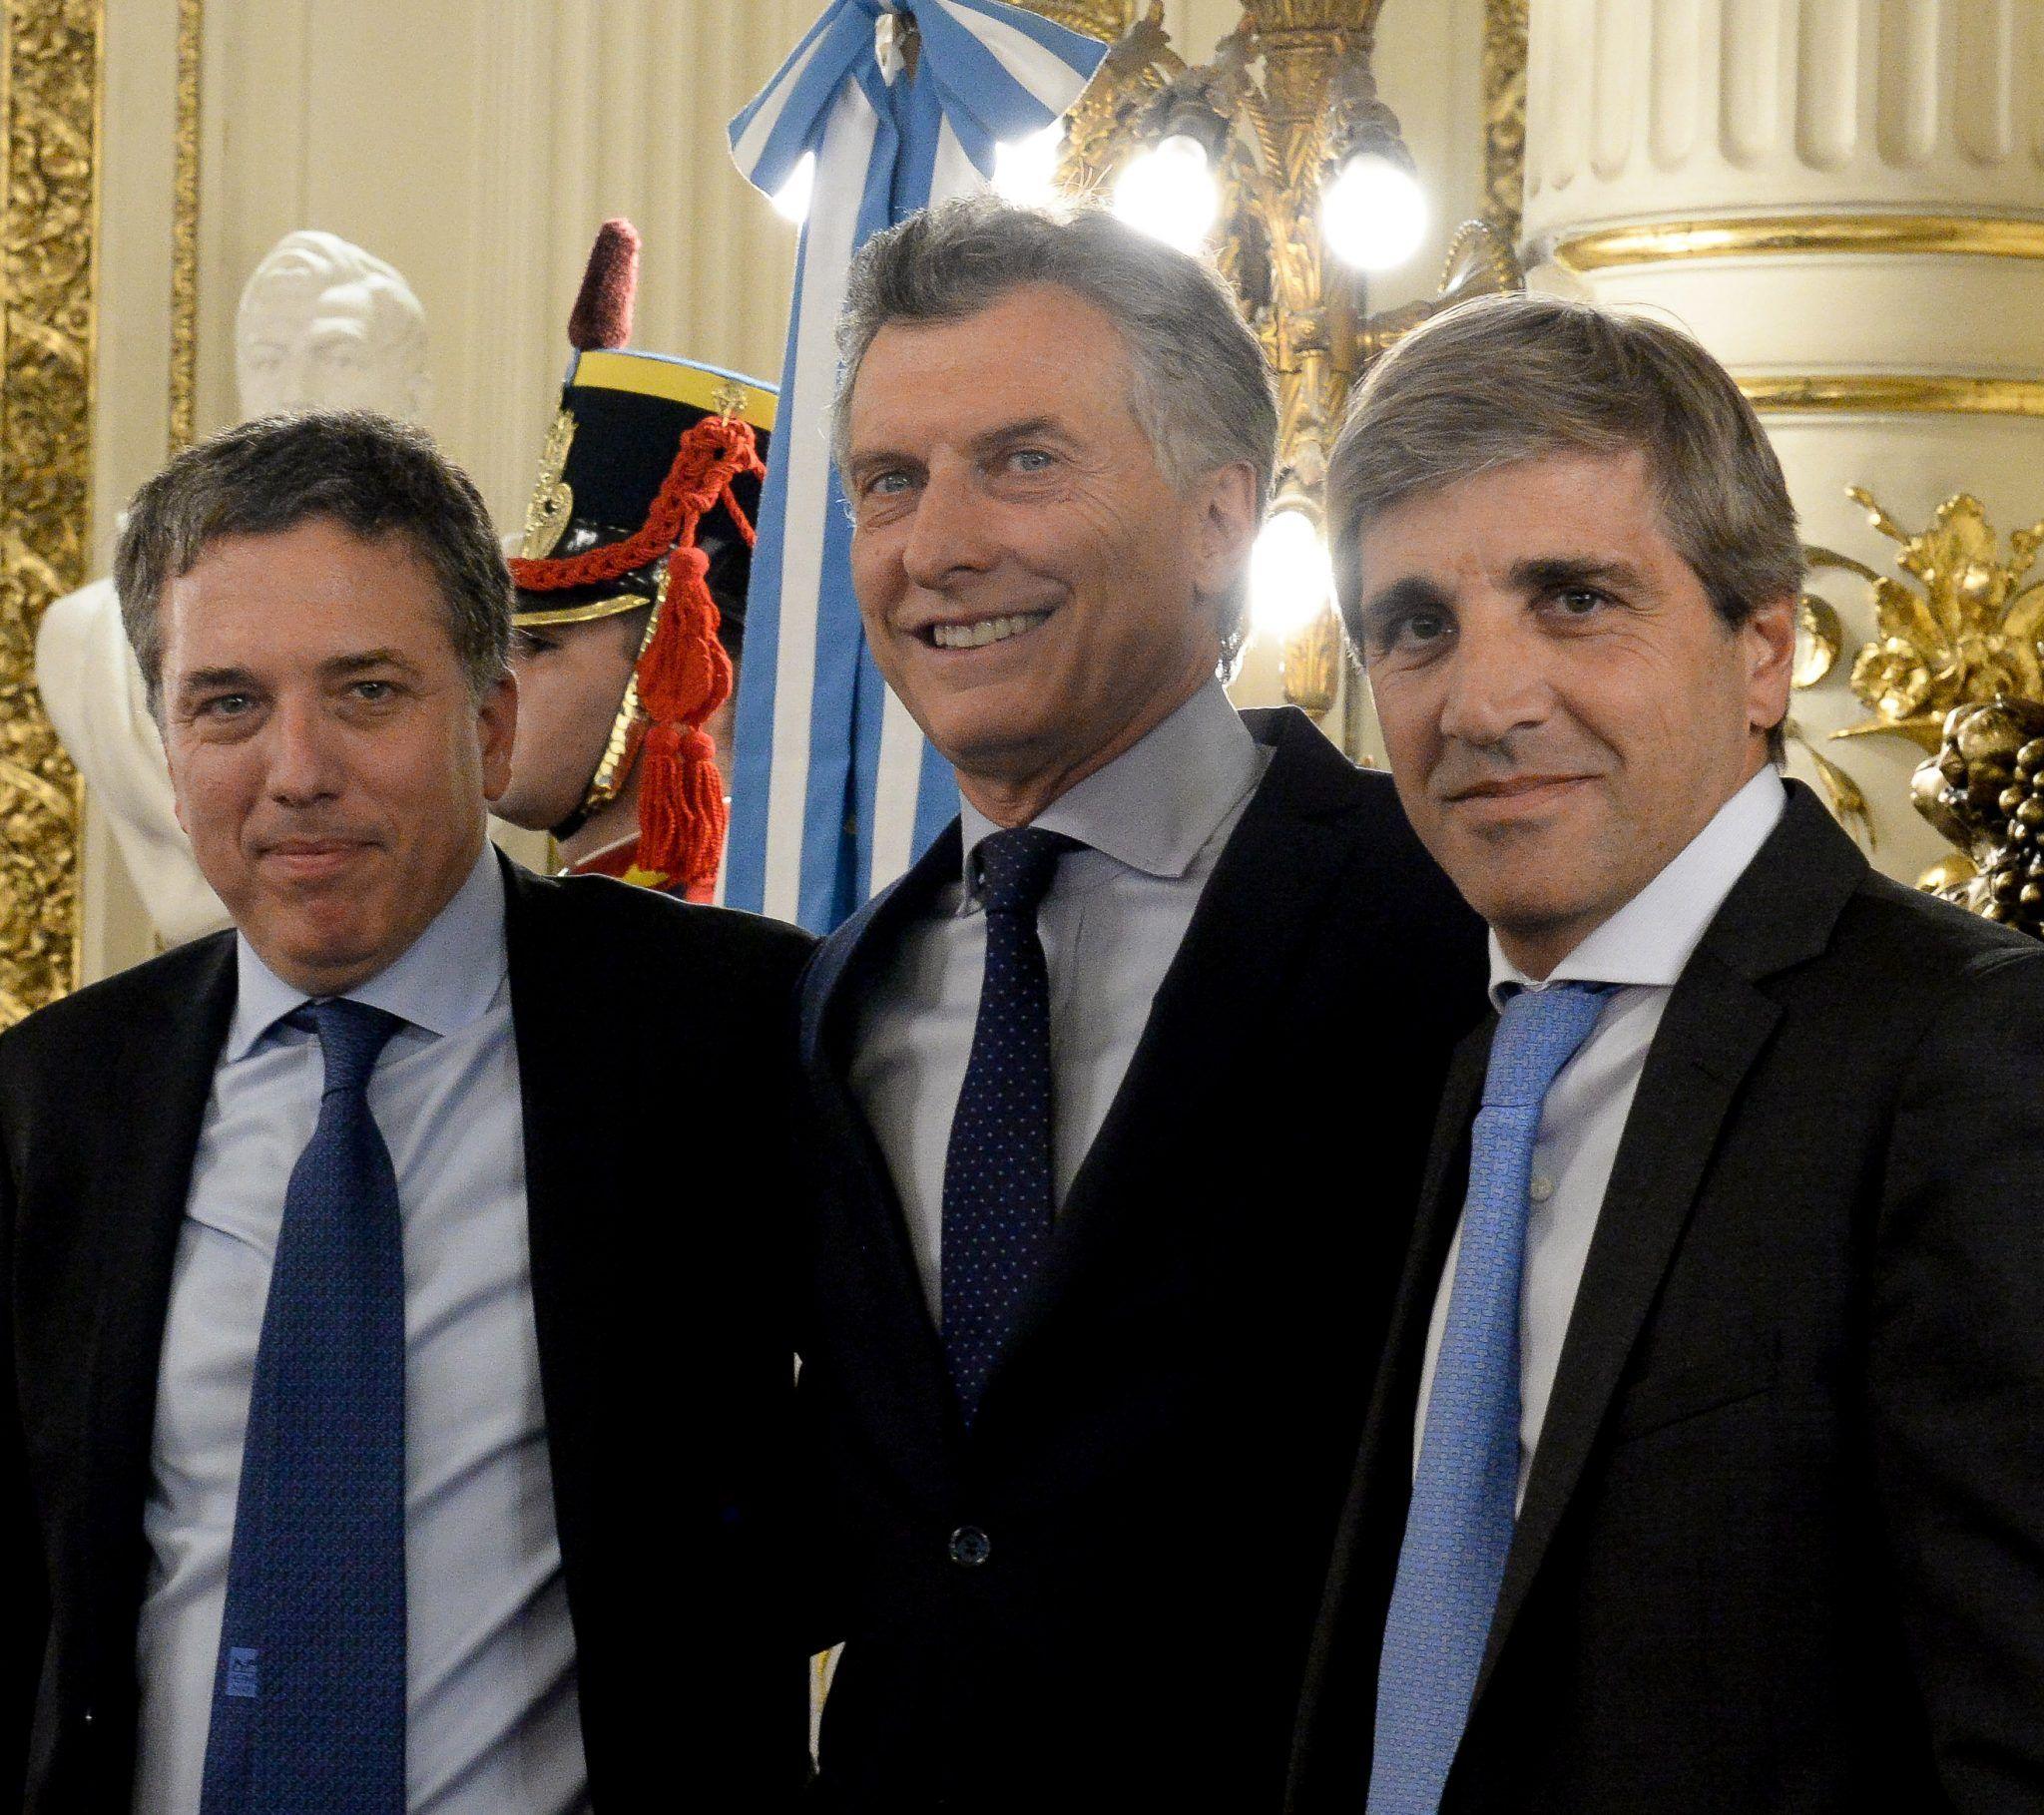 Nicolás Dujovne, Mauricio Macri y Luis Caputo<br>